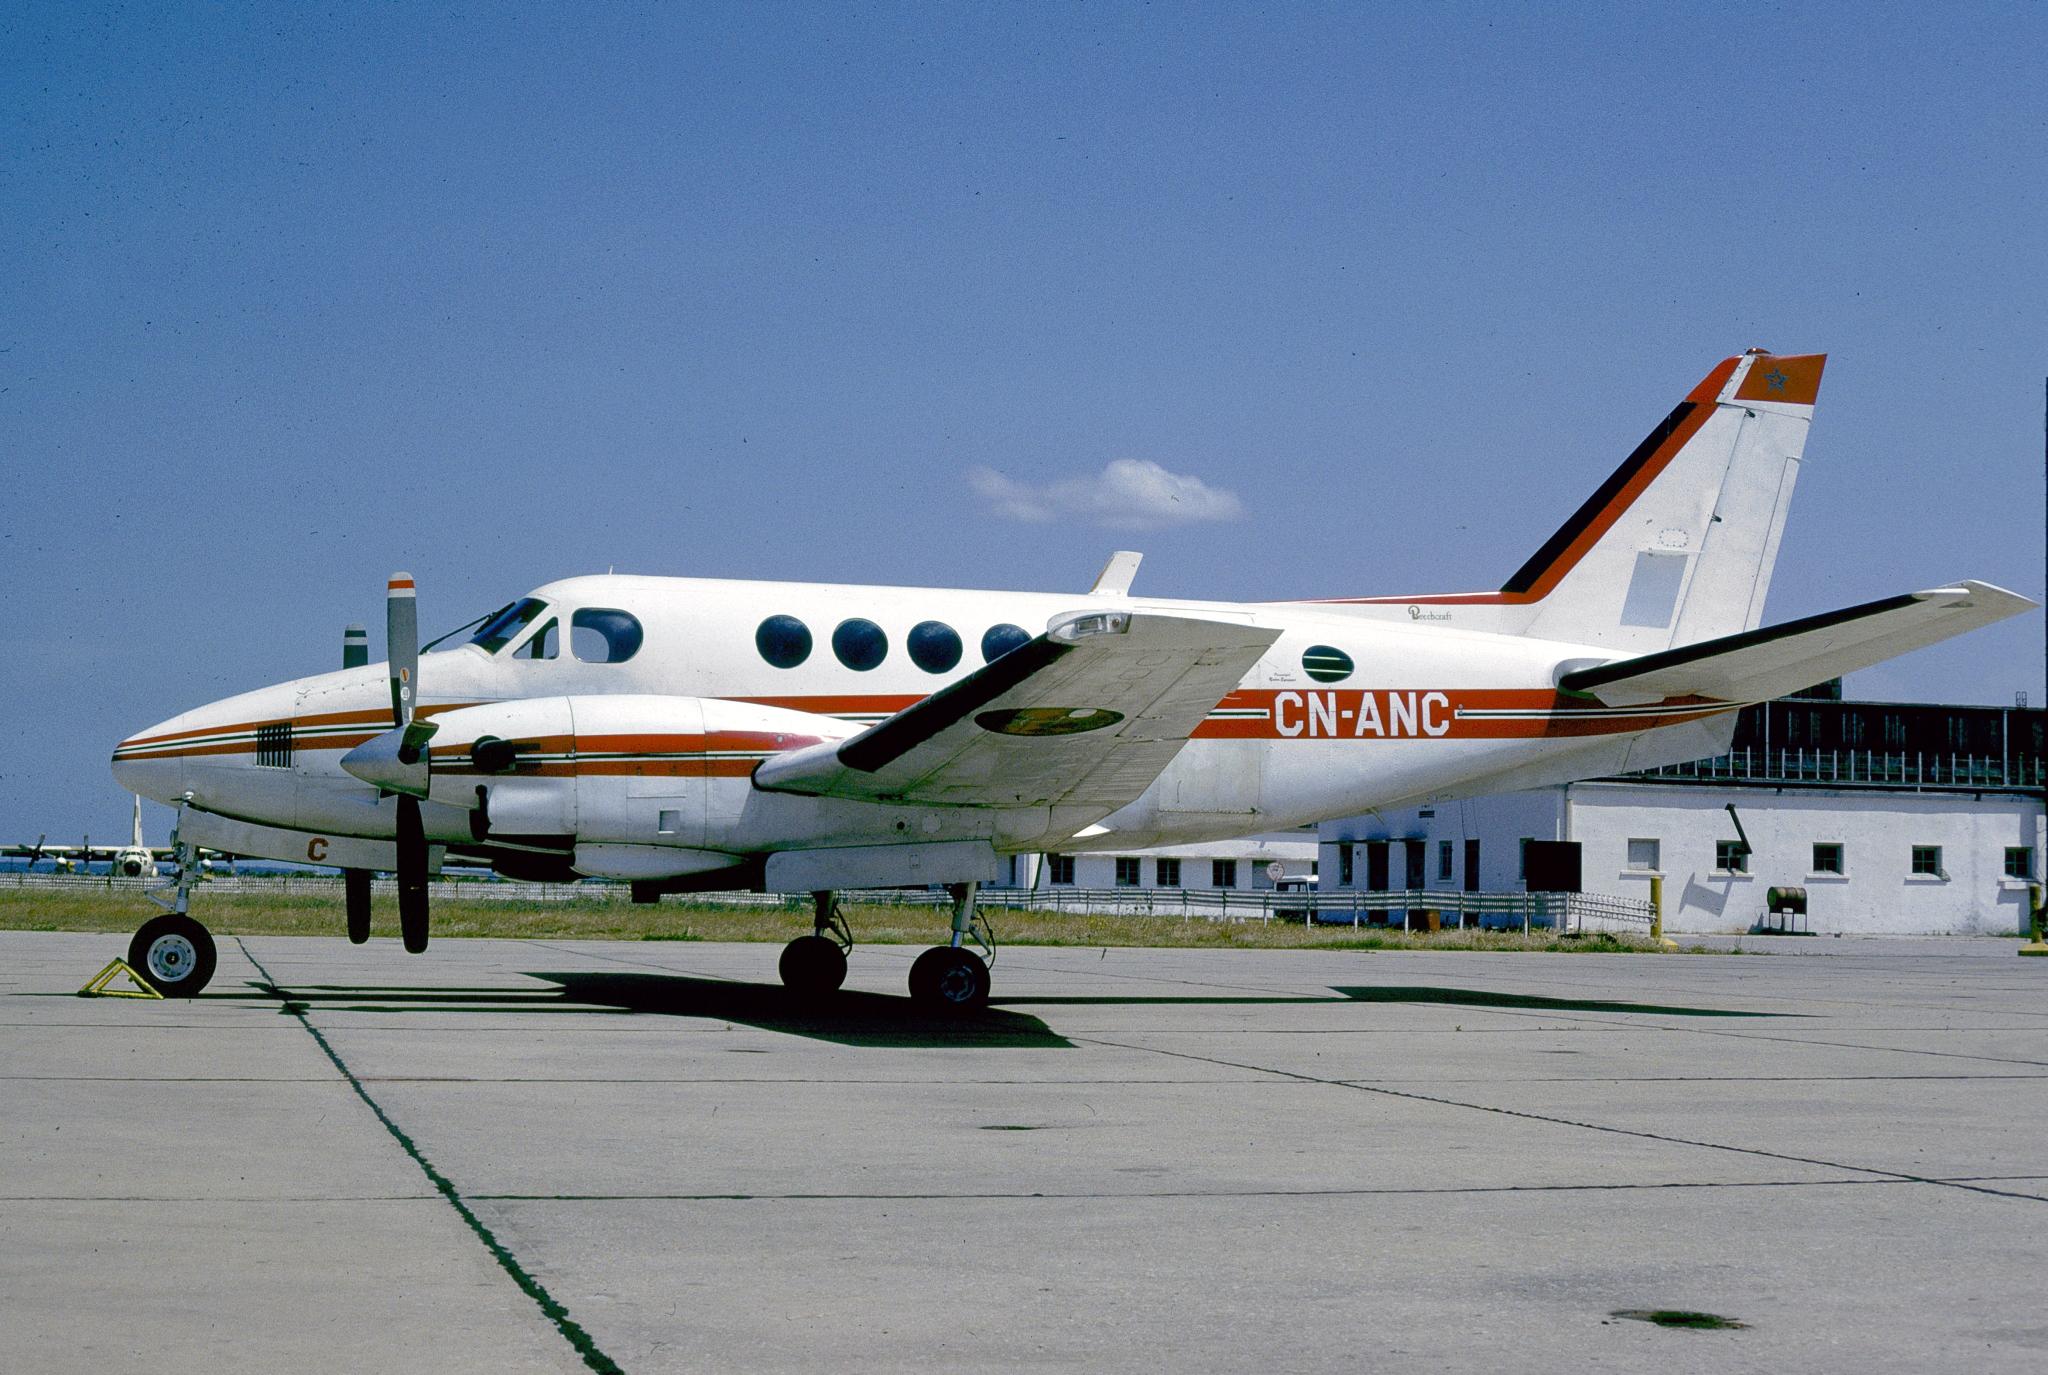 FRA: Avions VIP, Liaison & ECM - Page 23 30973325510_65773466d1_o